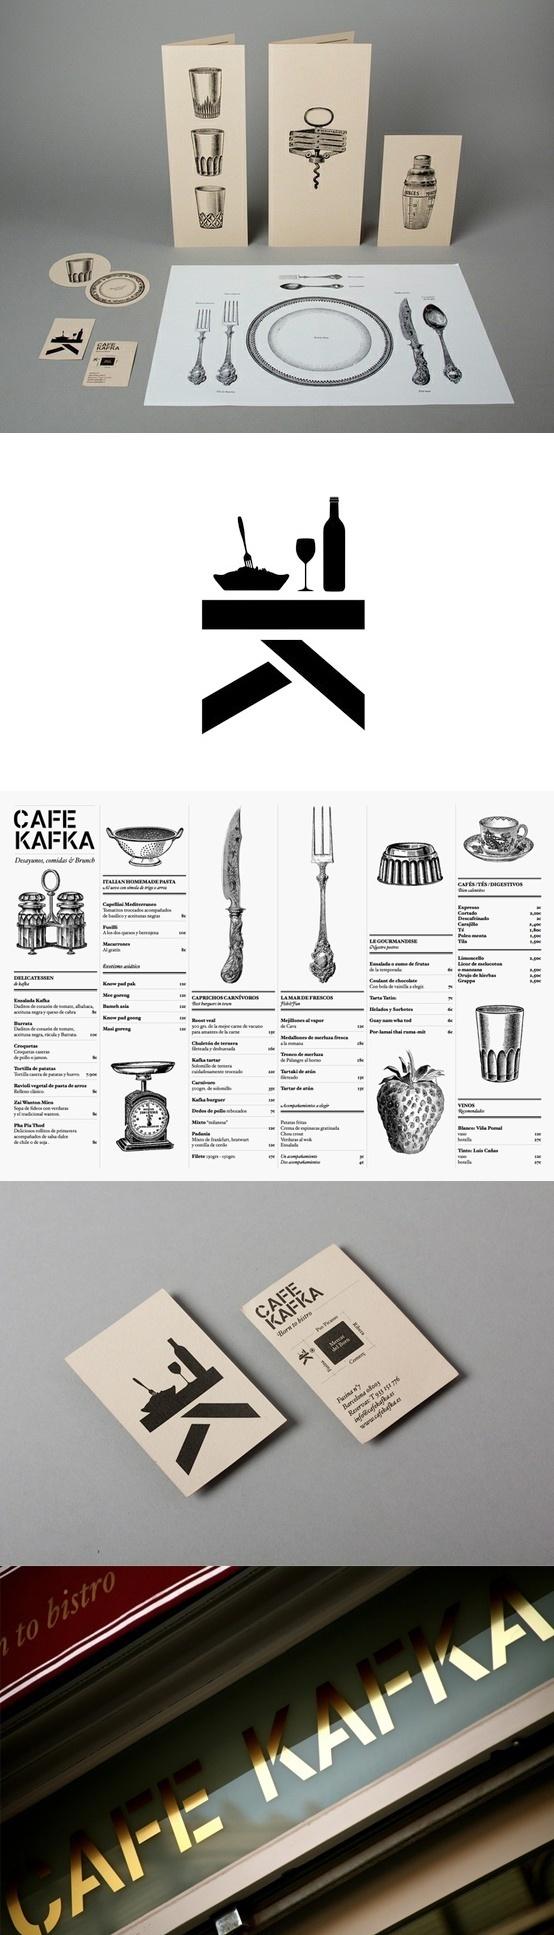 Café Kafka identity by Lo Siento, Barcalona #catering